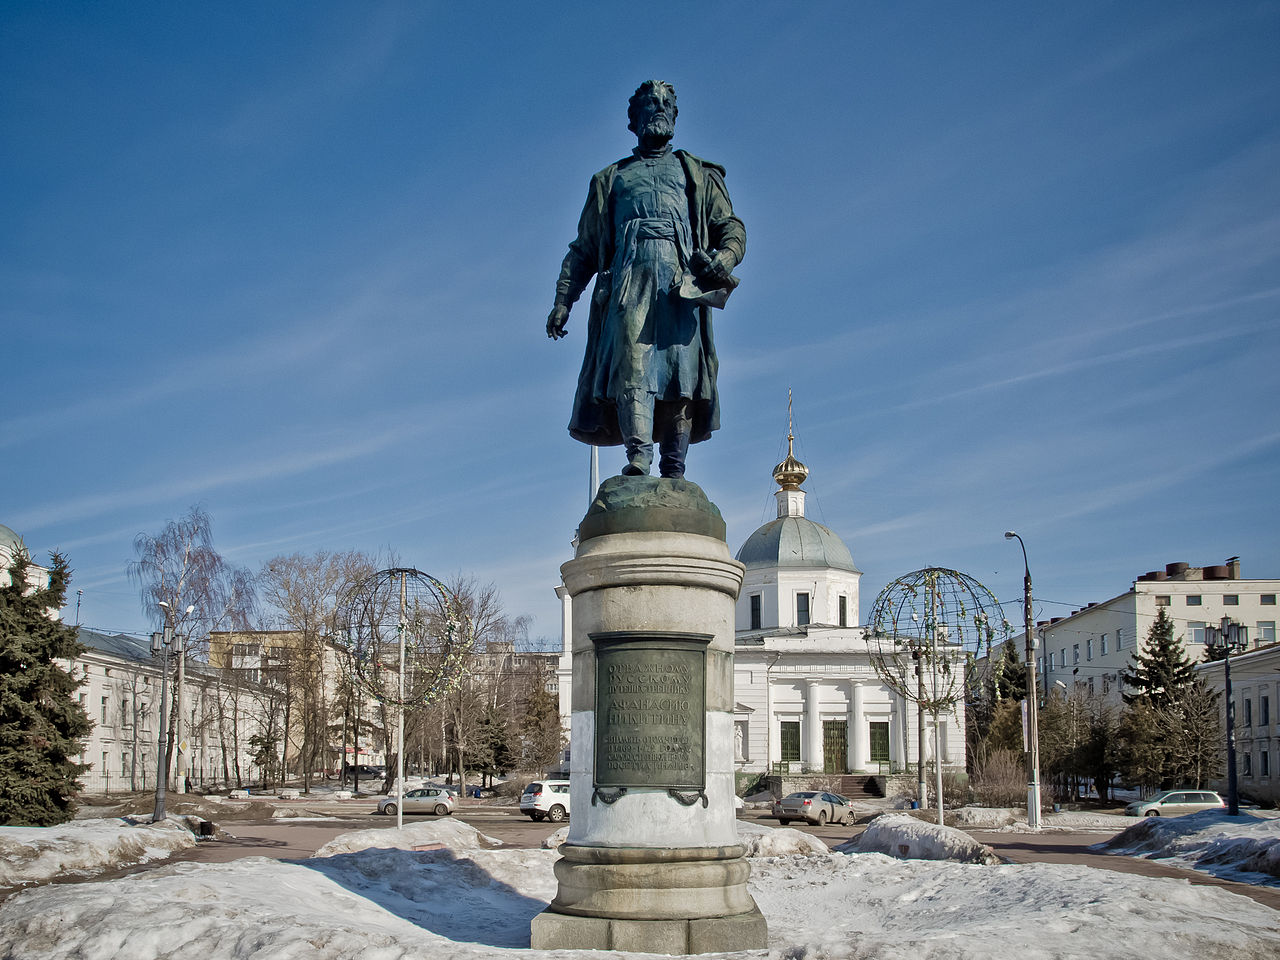 Памятник Афанасию Никитину в Твери.jpg